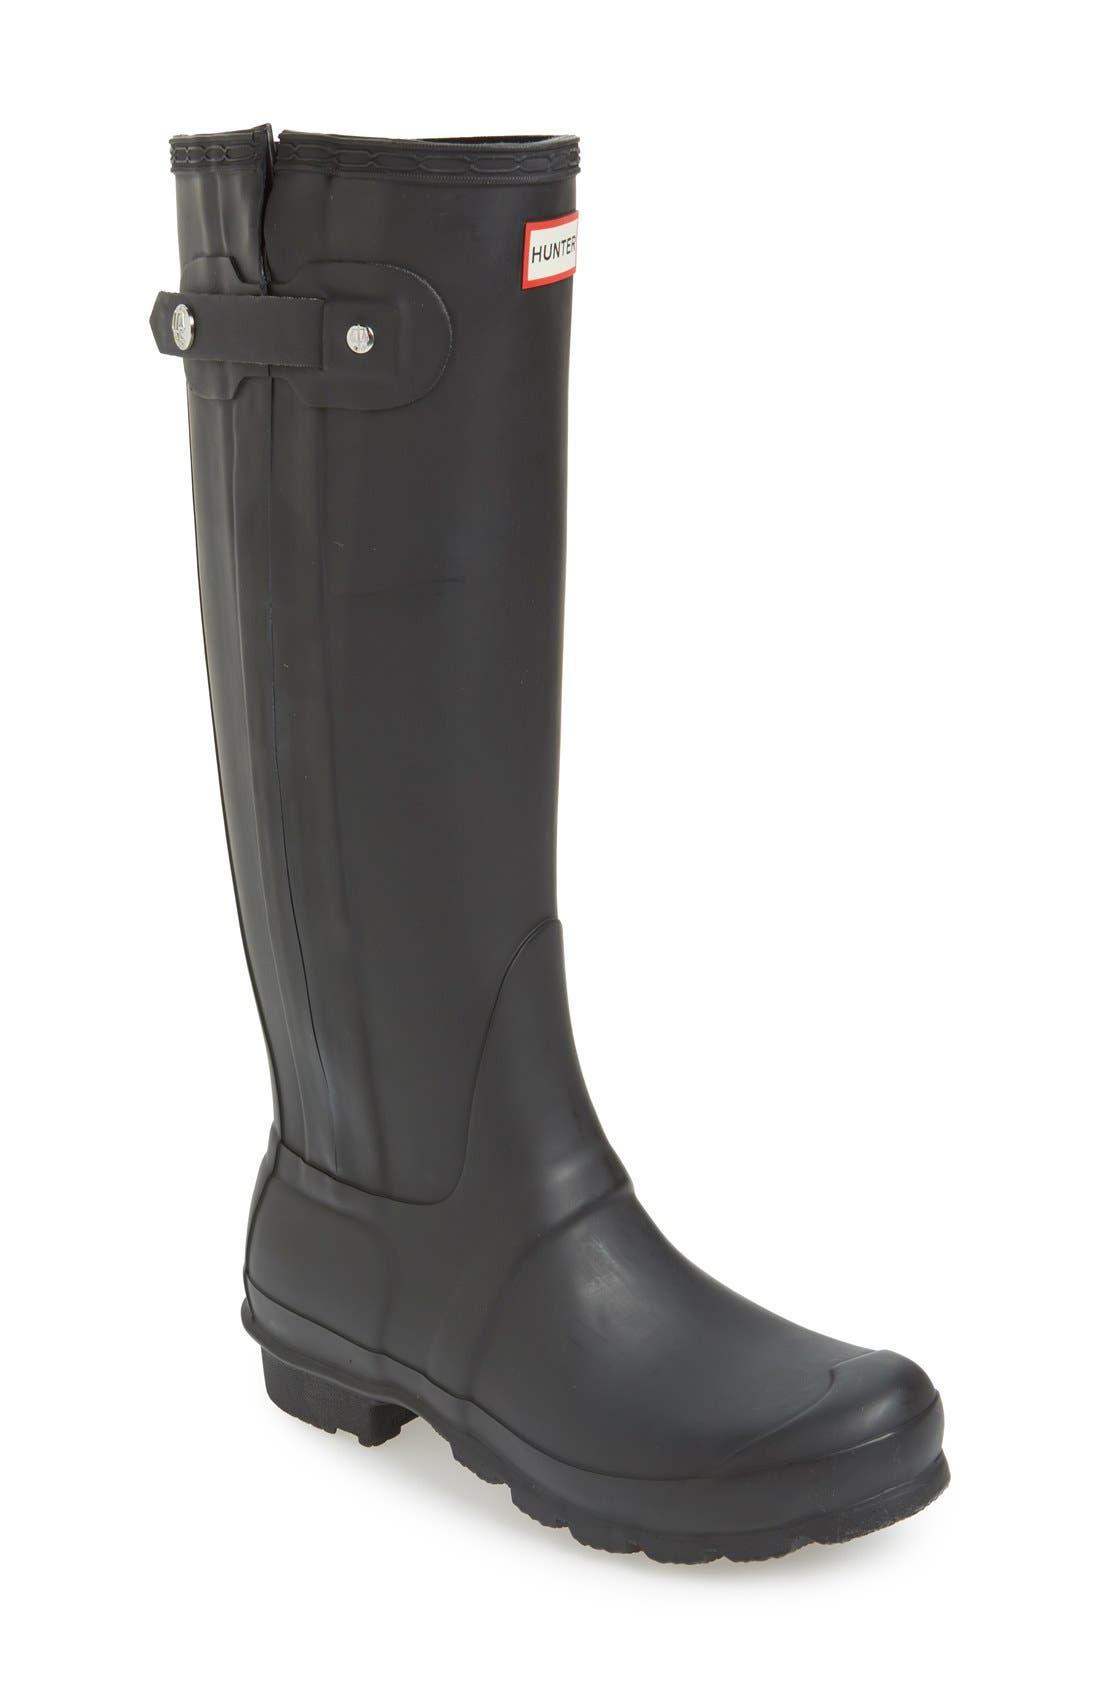 HUNTER 'Original Slim' Zip Rubber Rain Boot, Main, color, 001